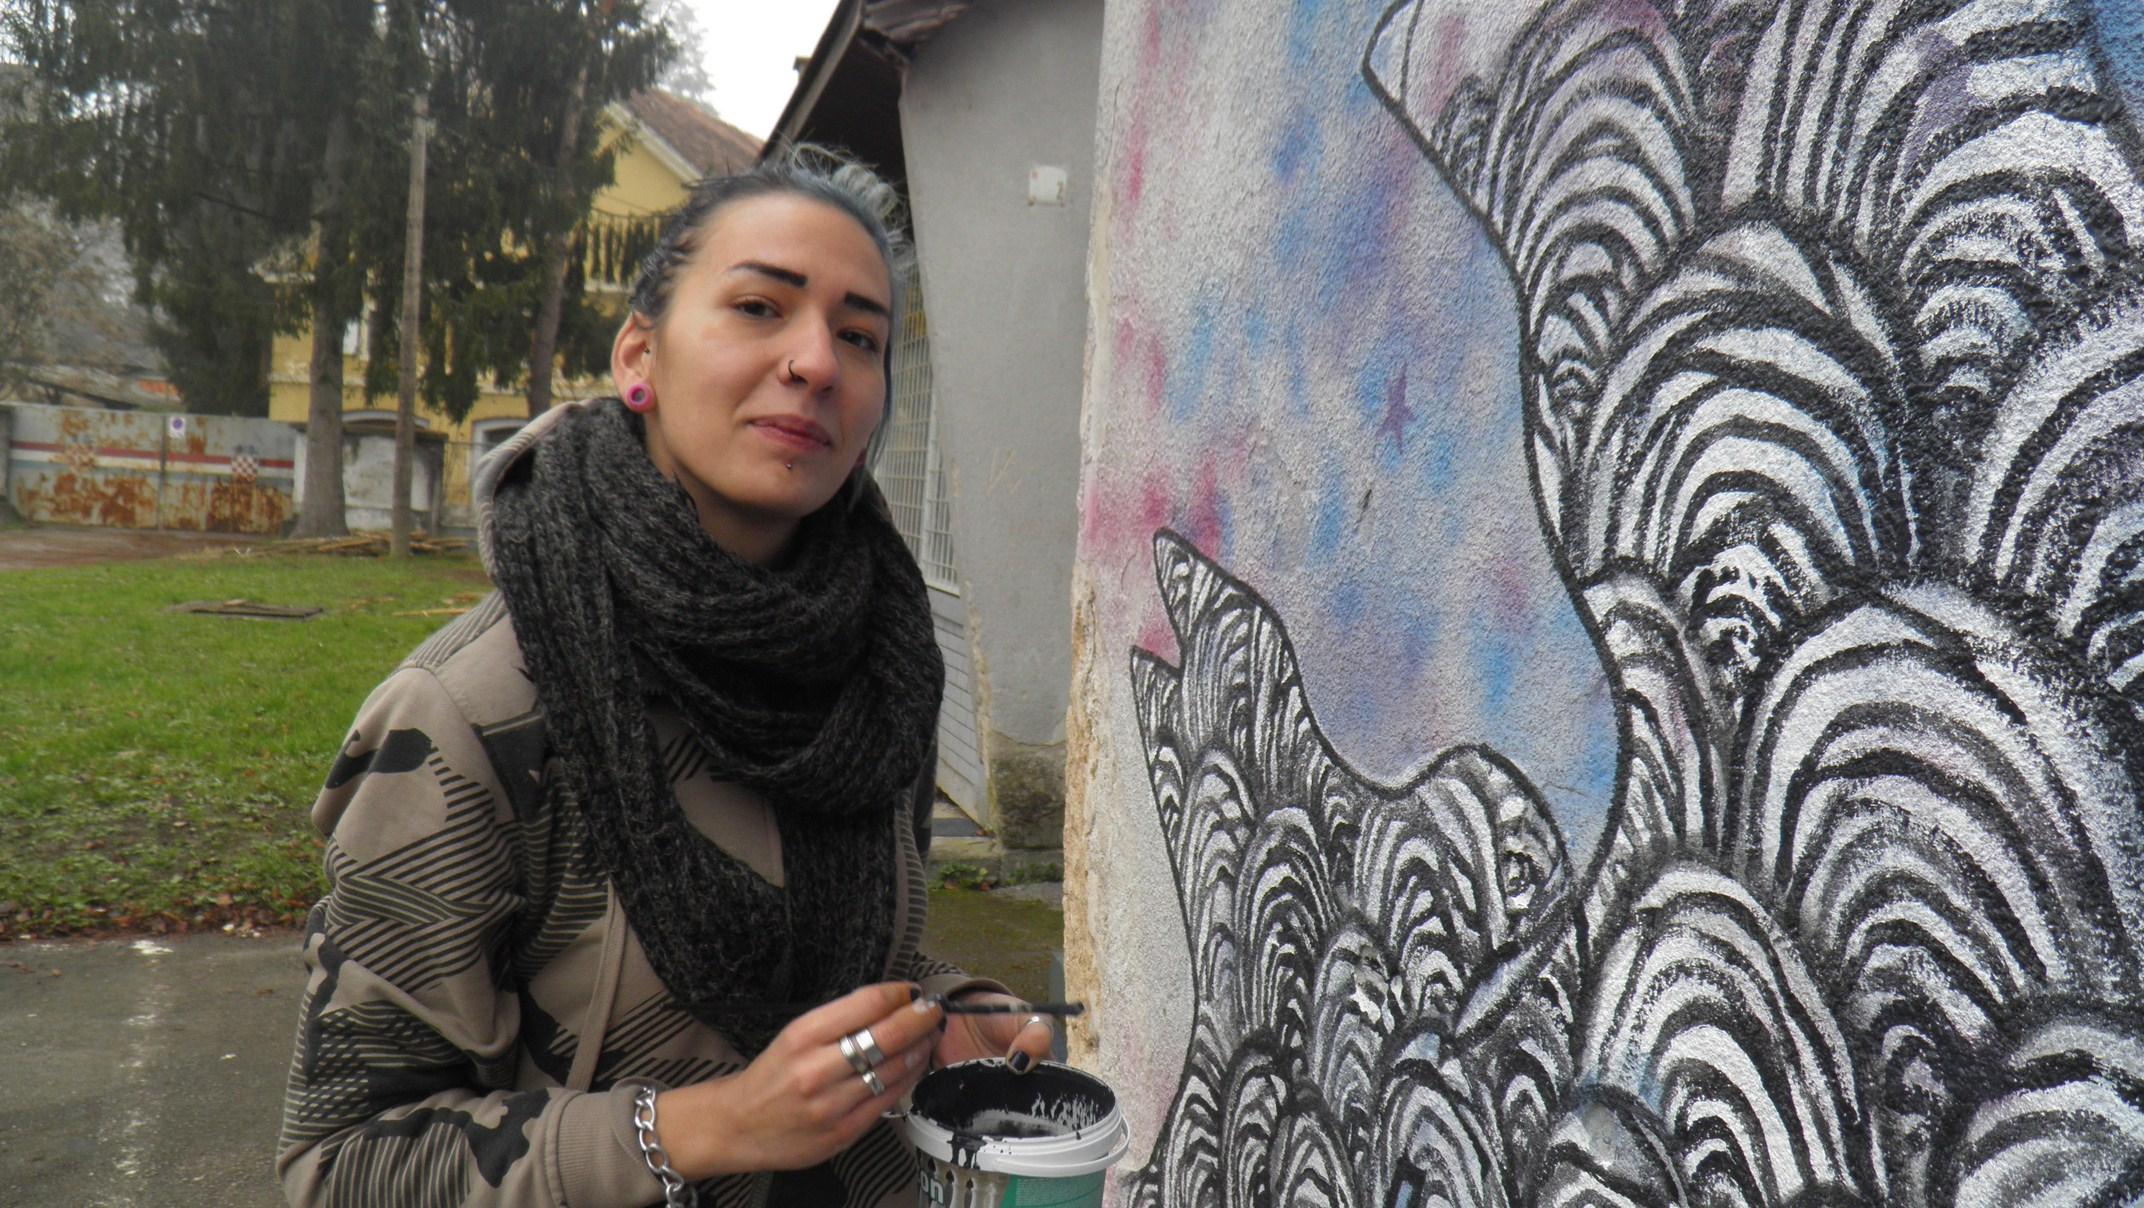 Jana Danilović oslikala je pročelje Male urbane zajednice u Karlovcu 12. prosinca 2015. godine. Foto: Leonard Lesić